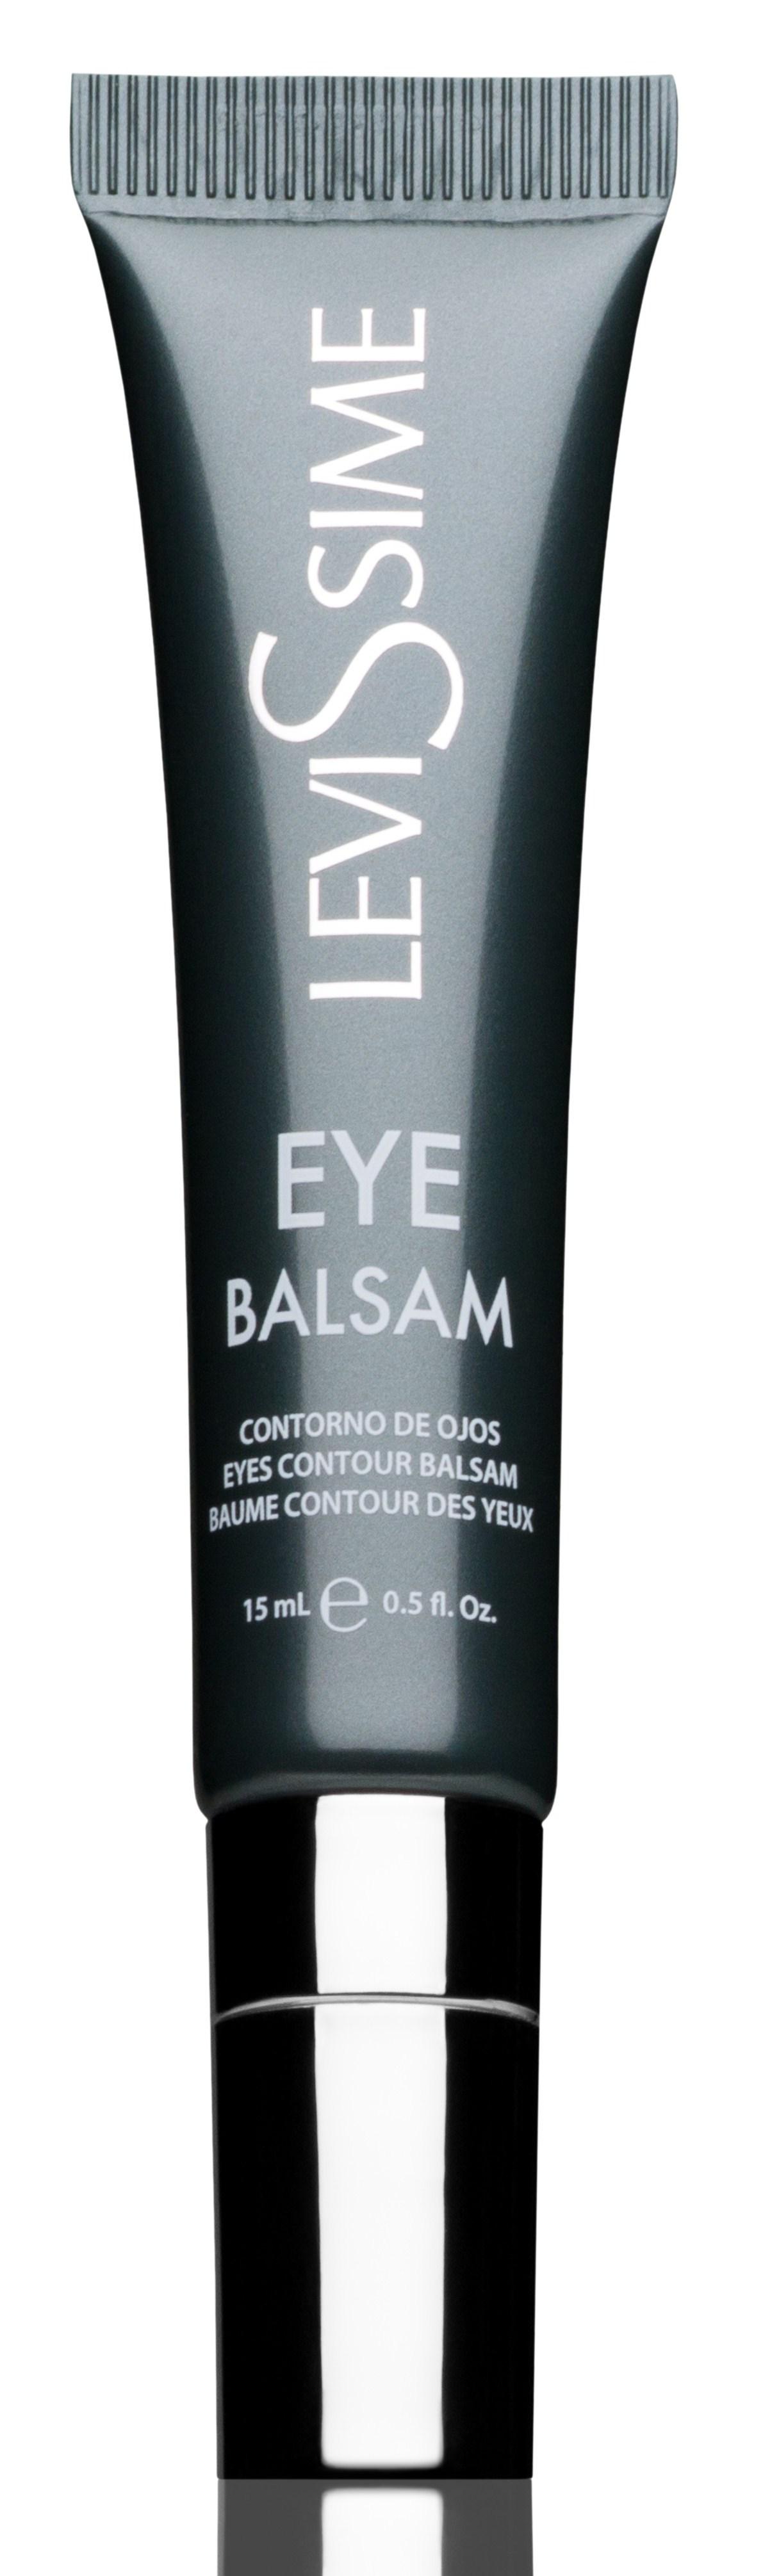 LEVISSIME Бальзам с керамическим аппликатором для глаз Мгновенное преображение / Eye Balsam 15 мл - Бальзамы